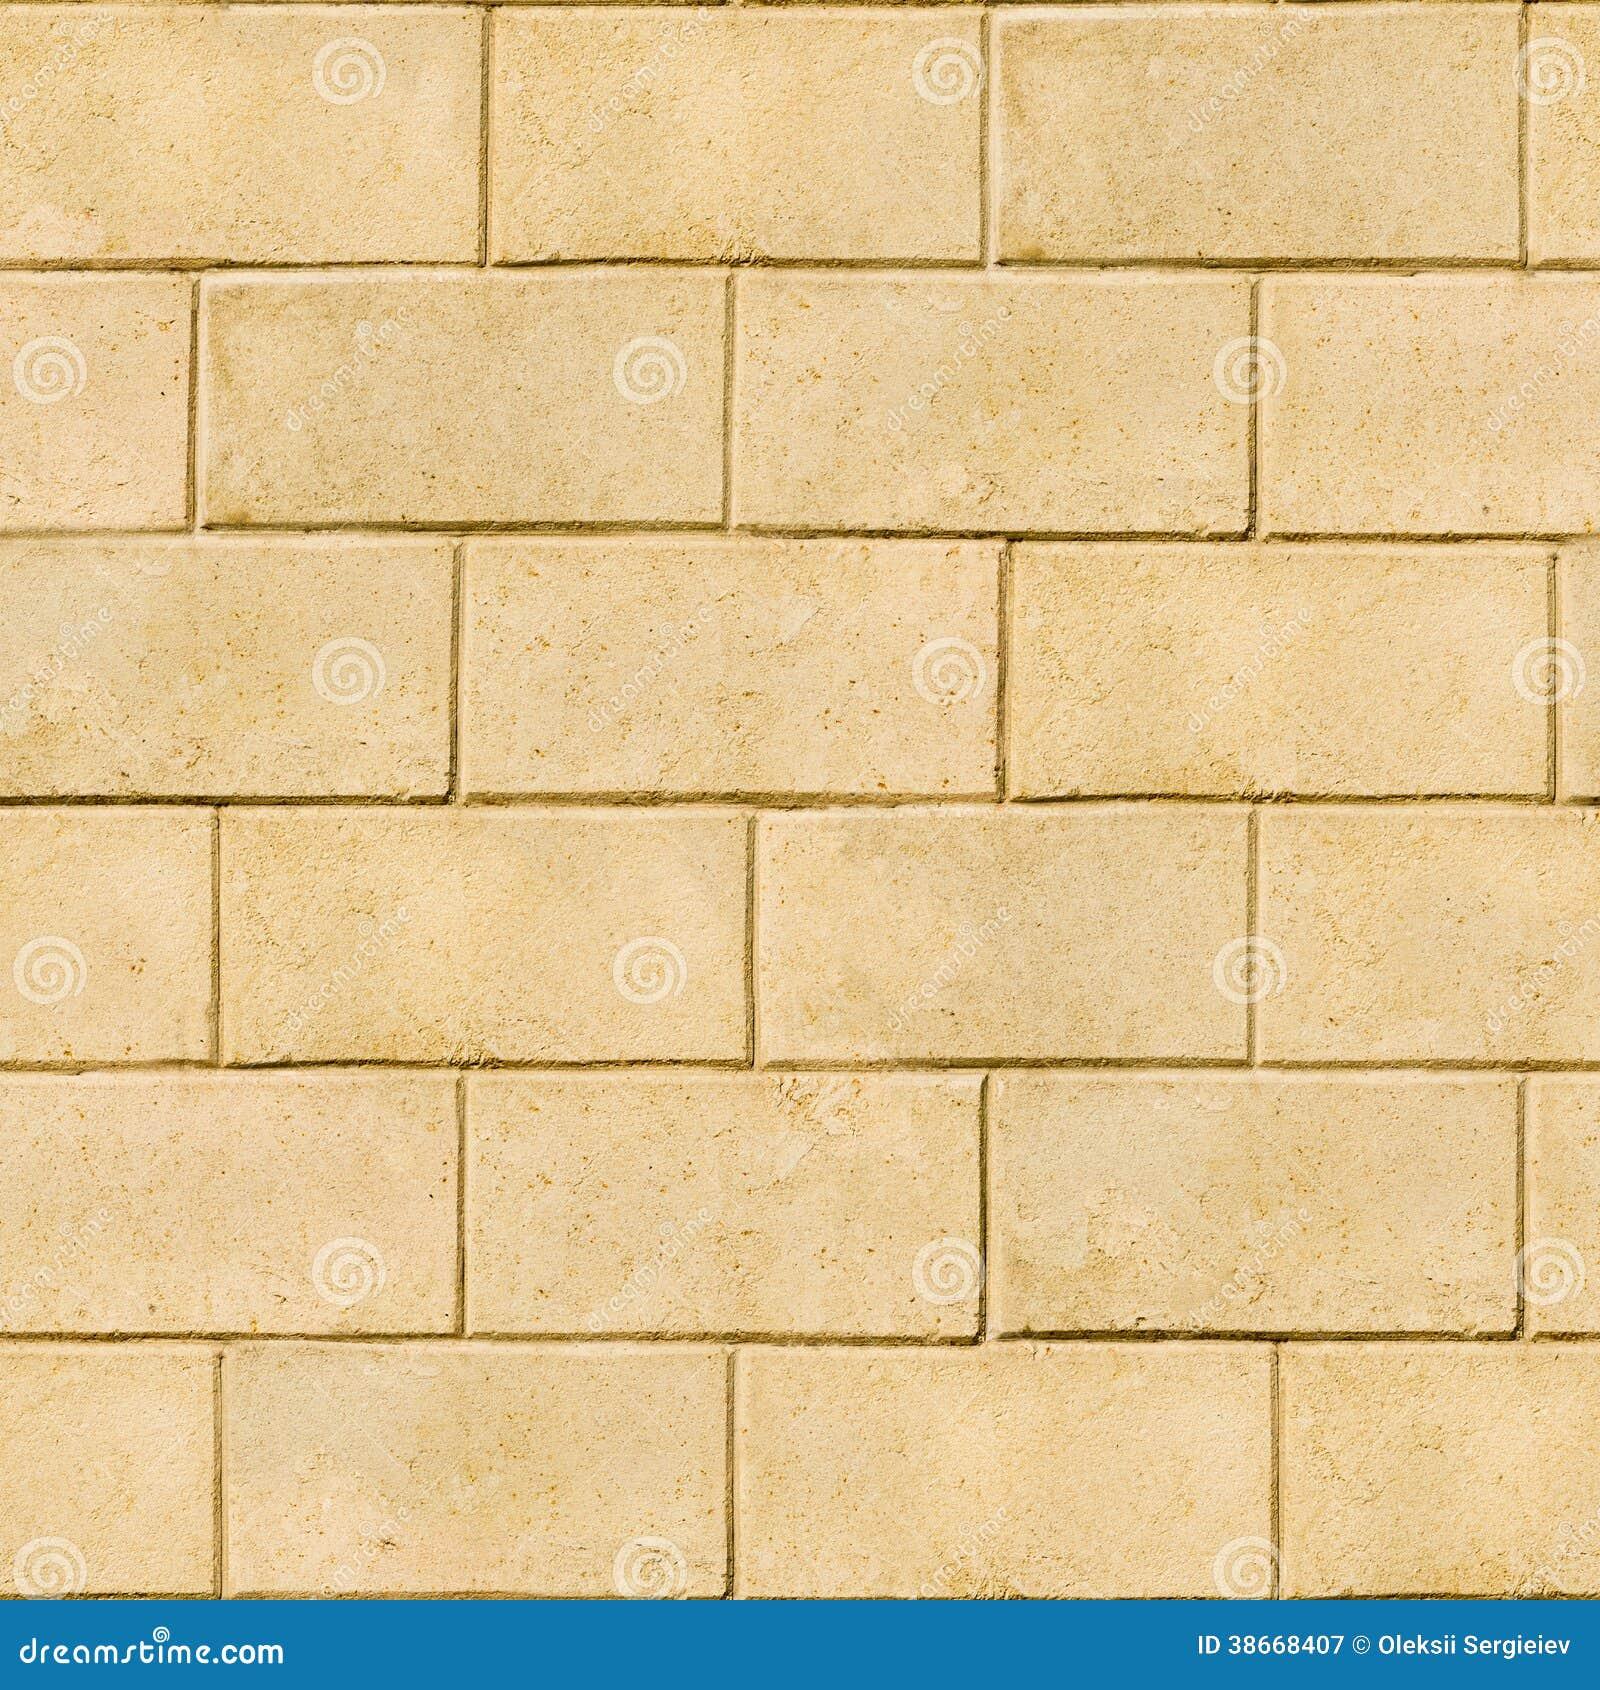 skyrim se building materials.guide